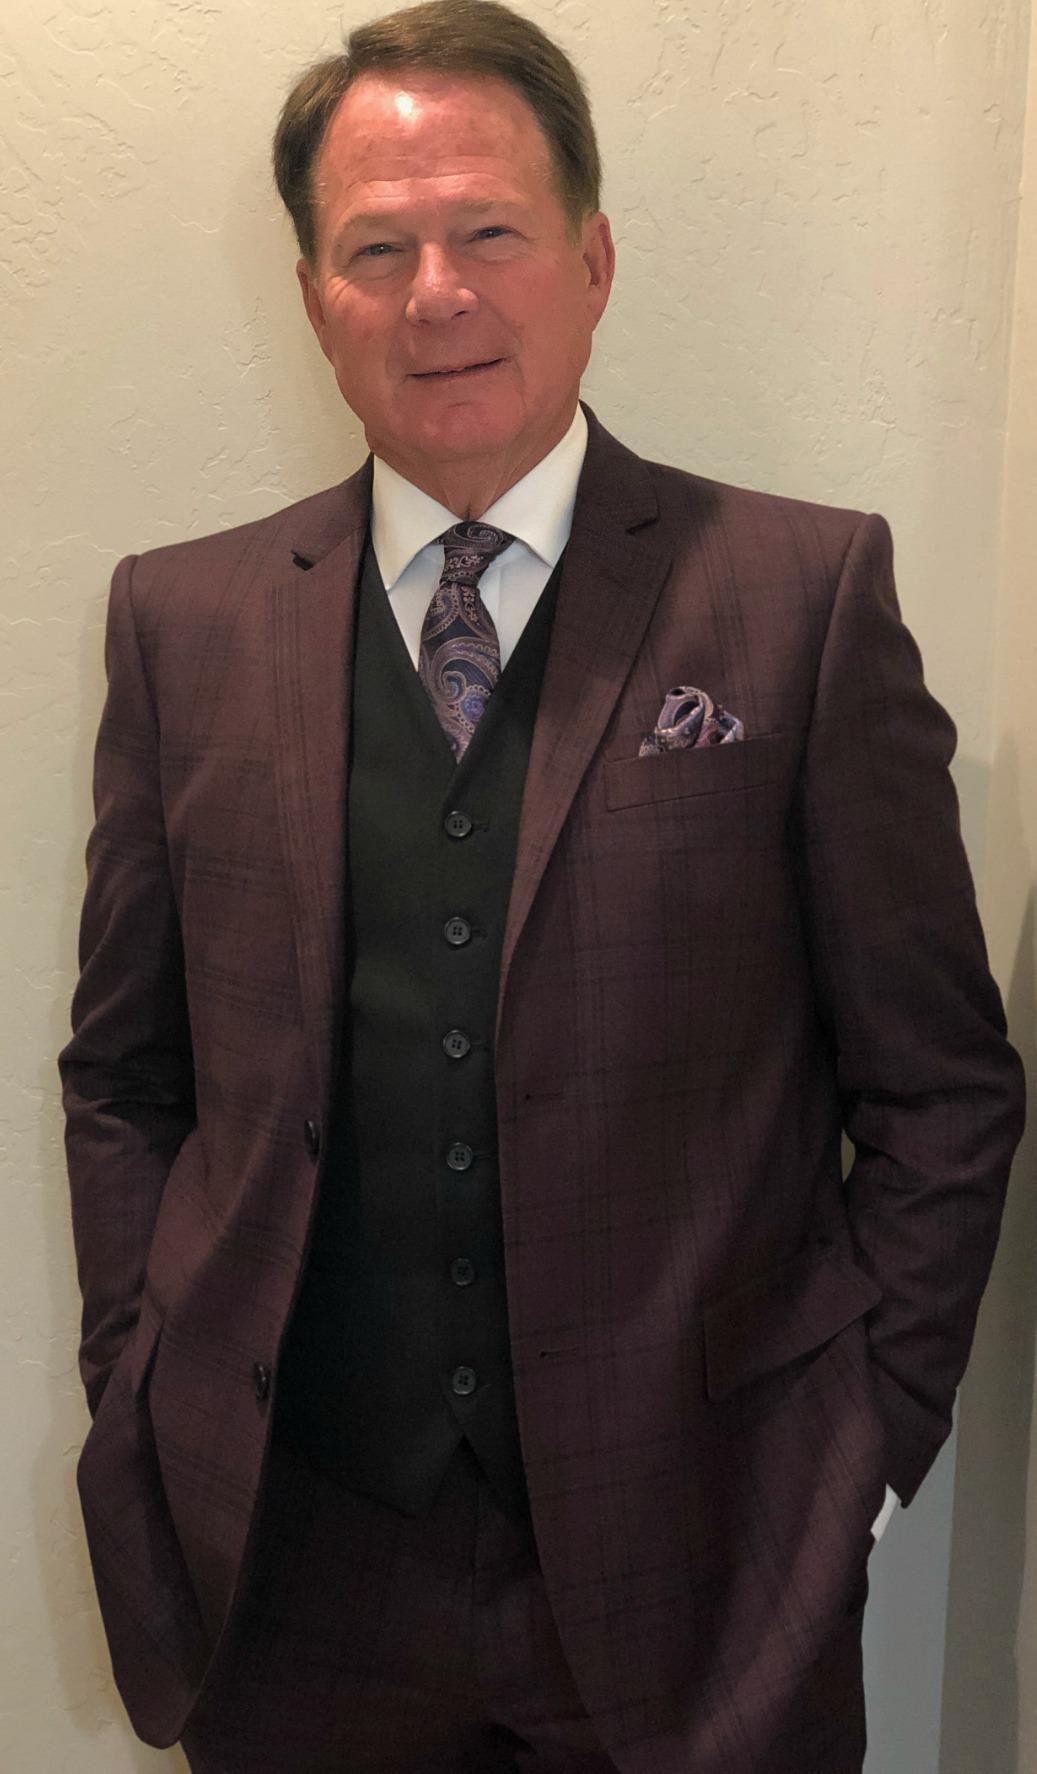 Burgundy Plaid Suit